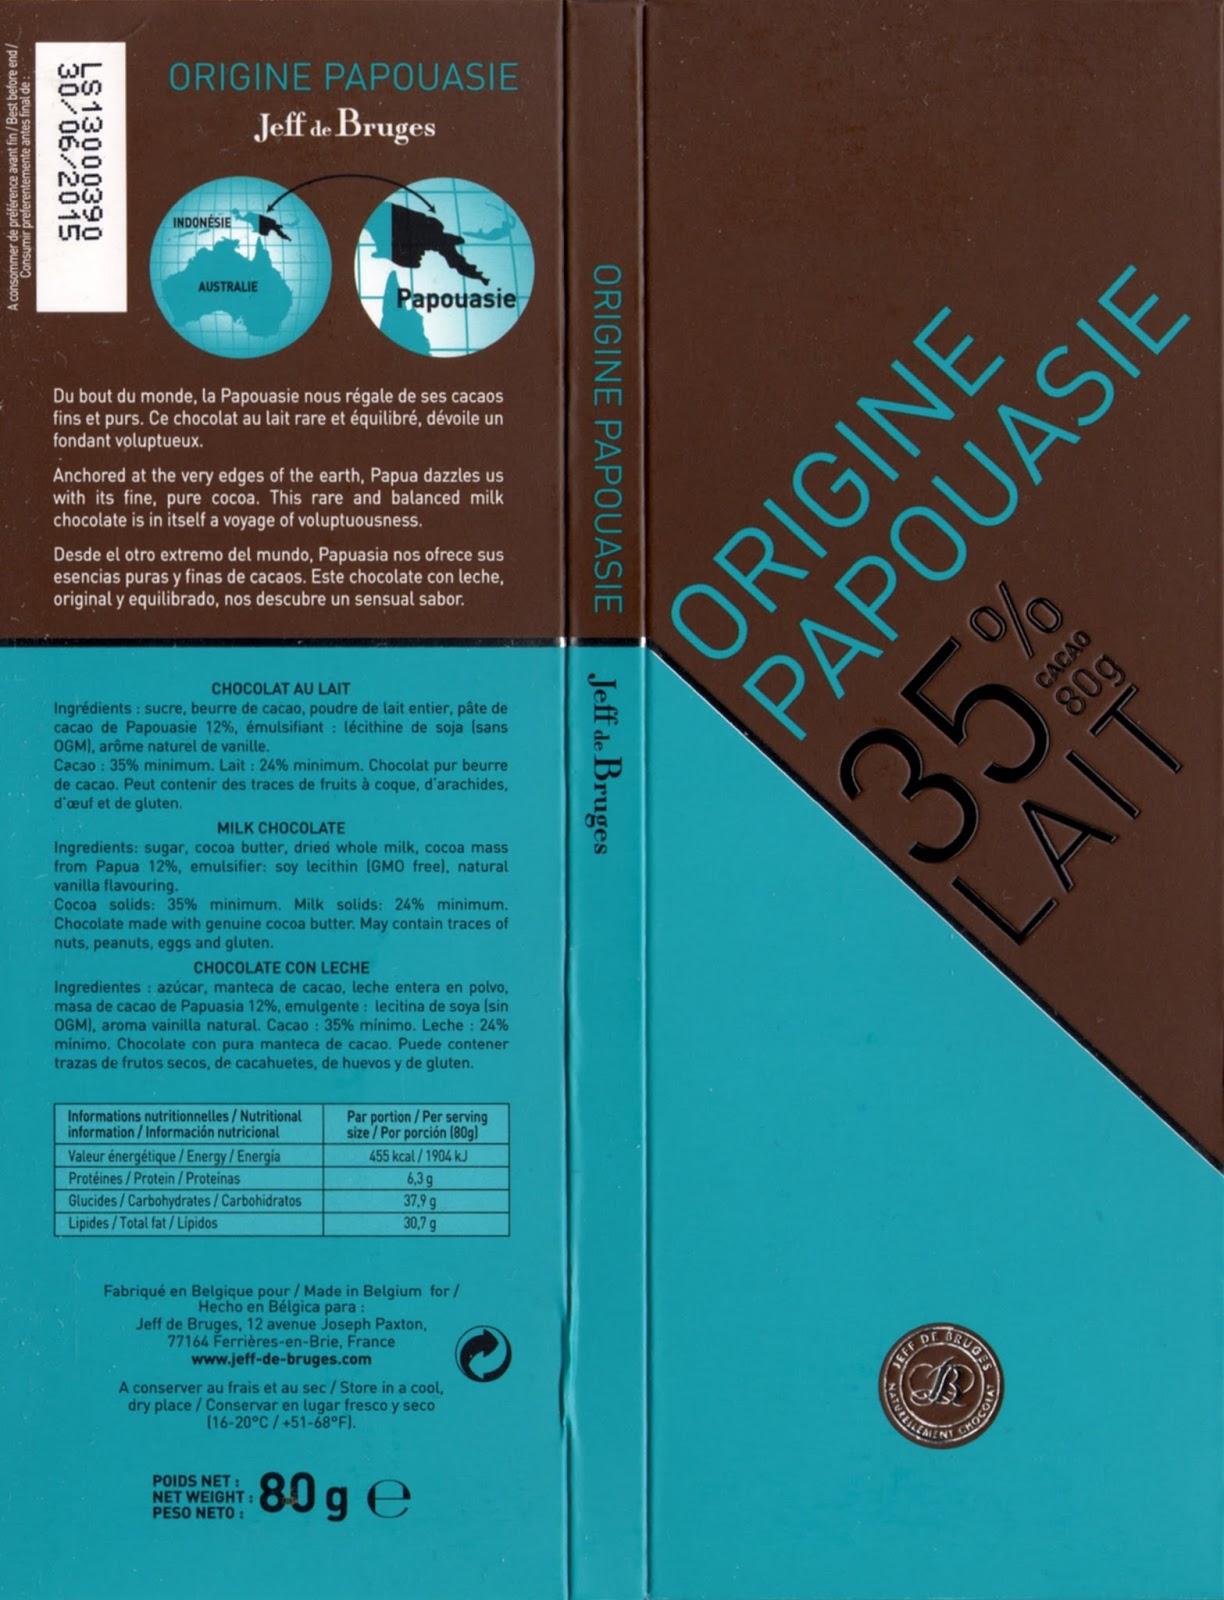 tablette de chocolat lait dégustation jeff de bruges origine papouasie 35